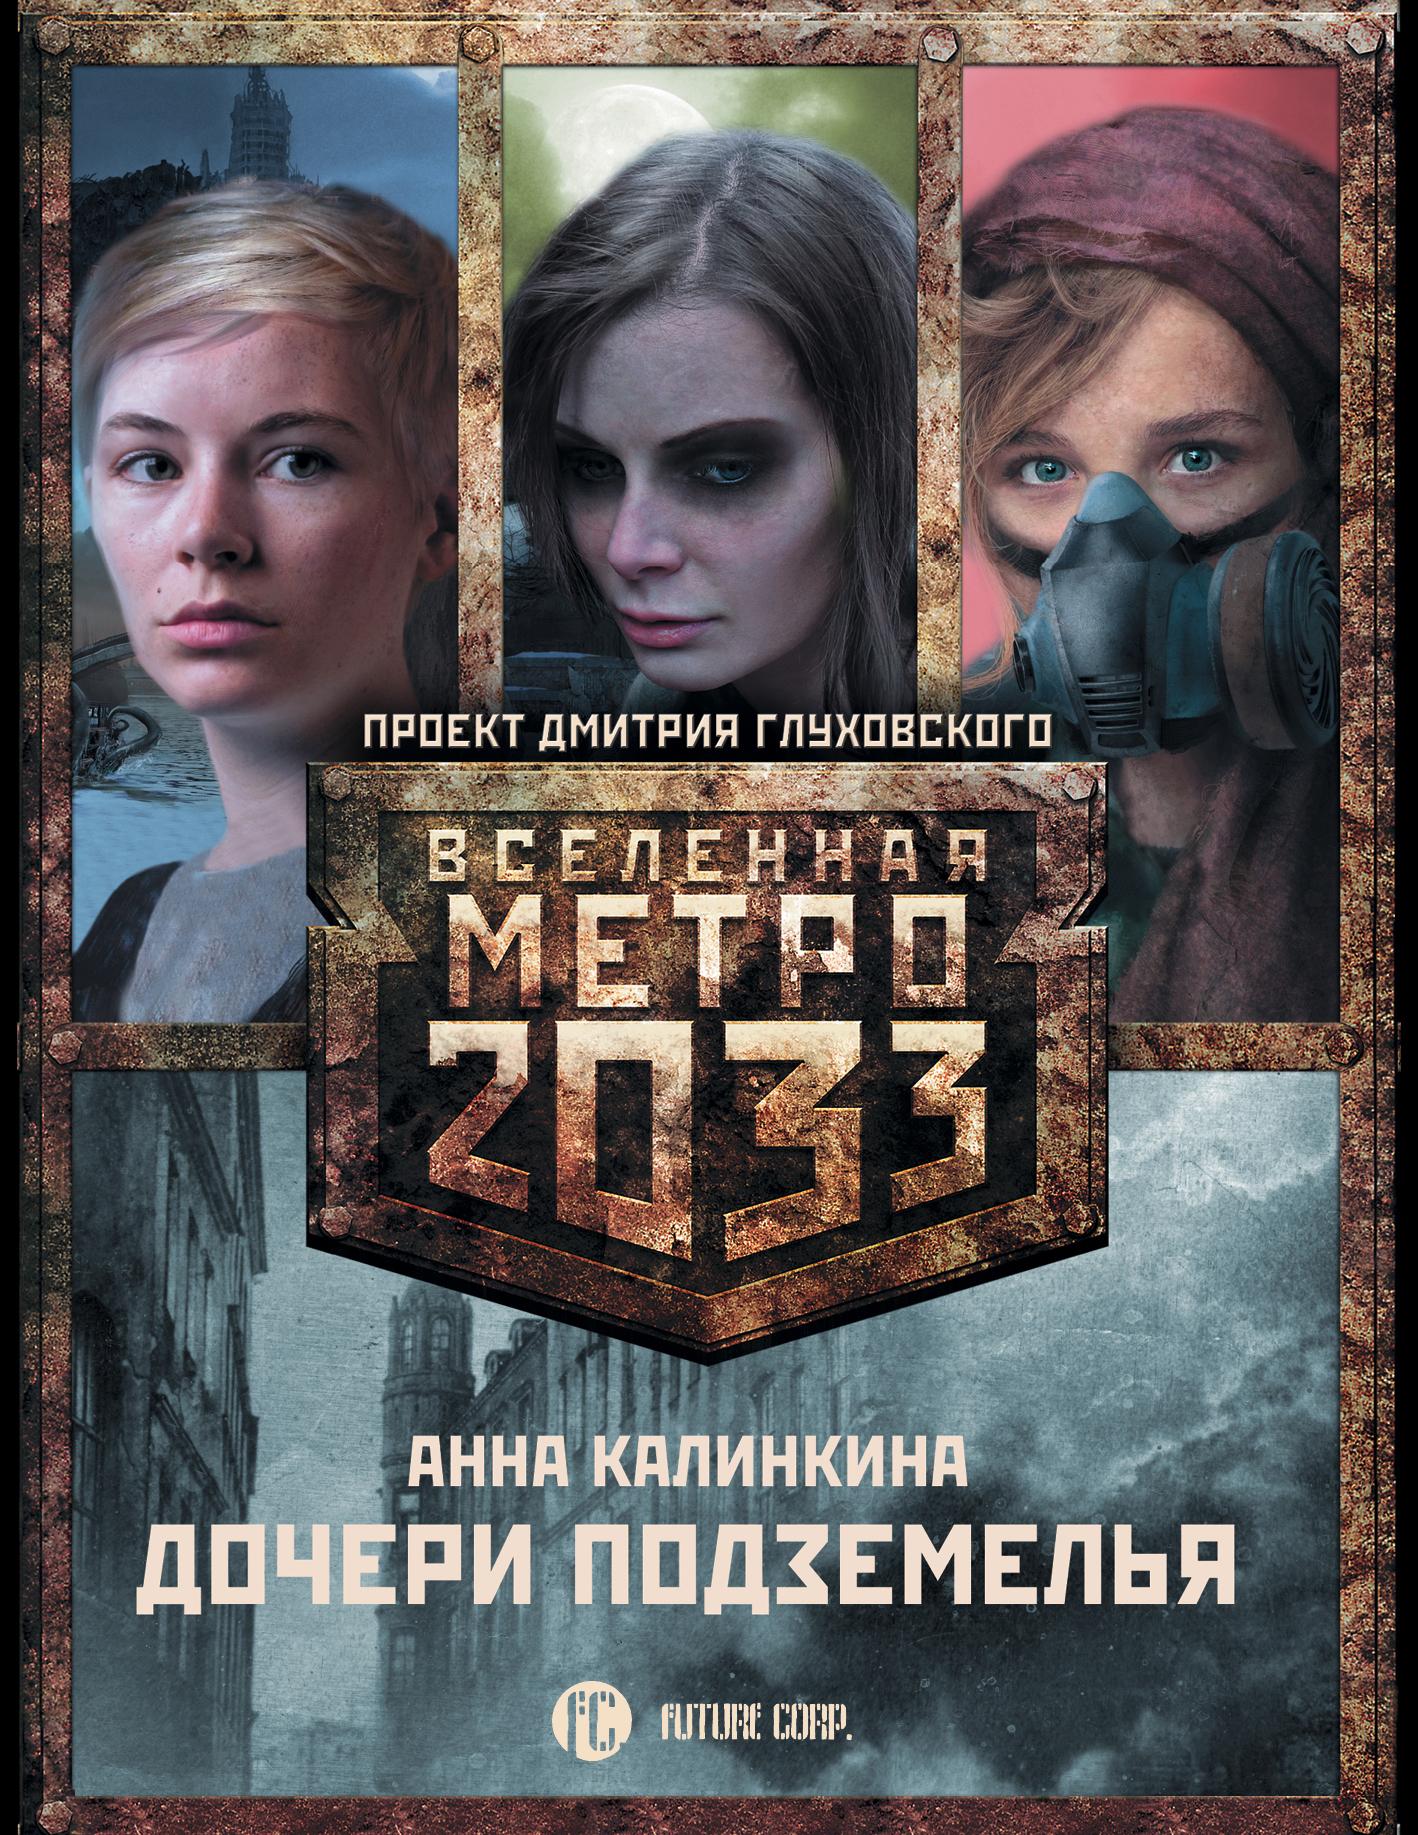 Анна Калинкина Метро 2033: Дочери подземелья (комплект из 3-х книг) анна калинкина царство крыс